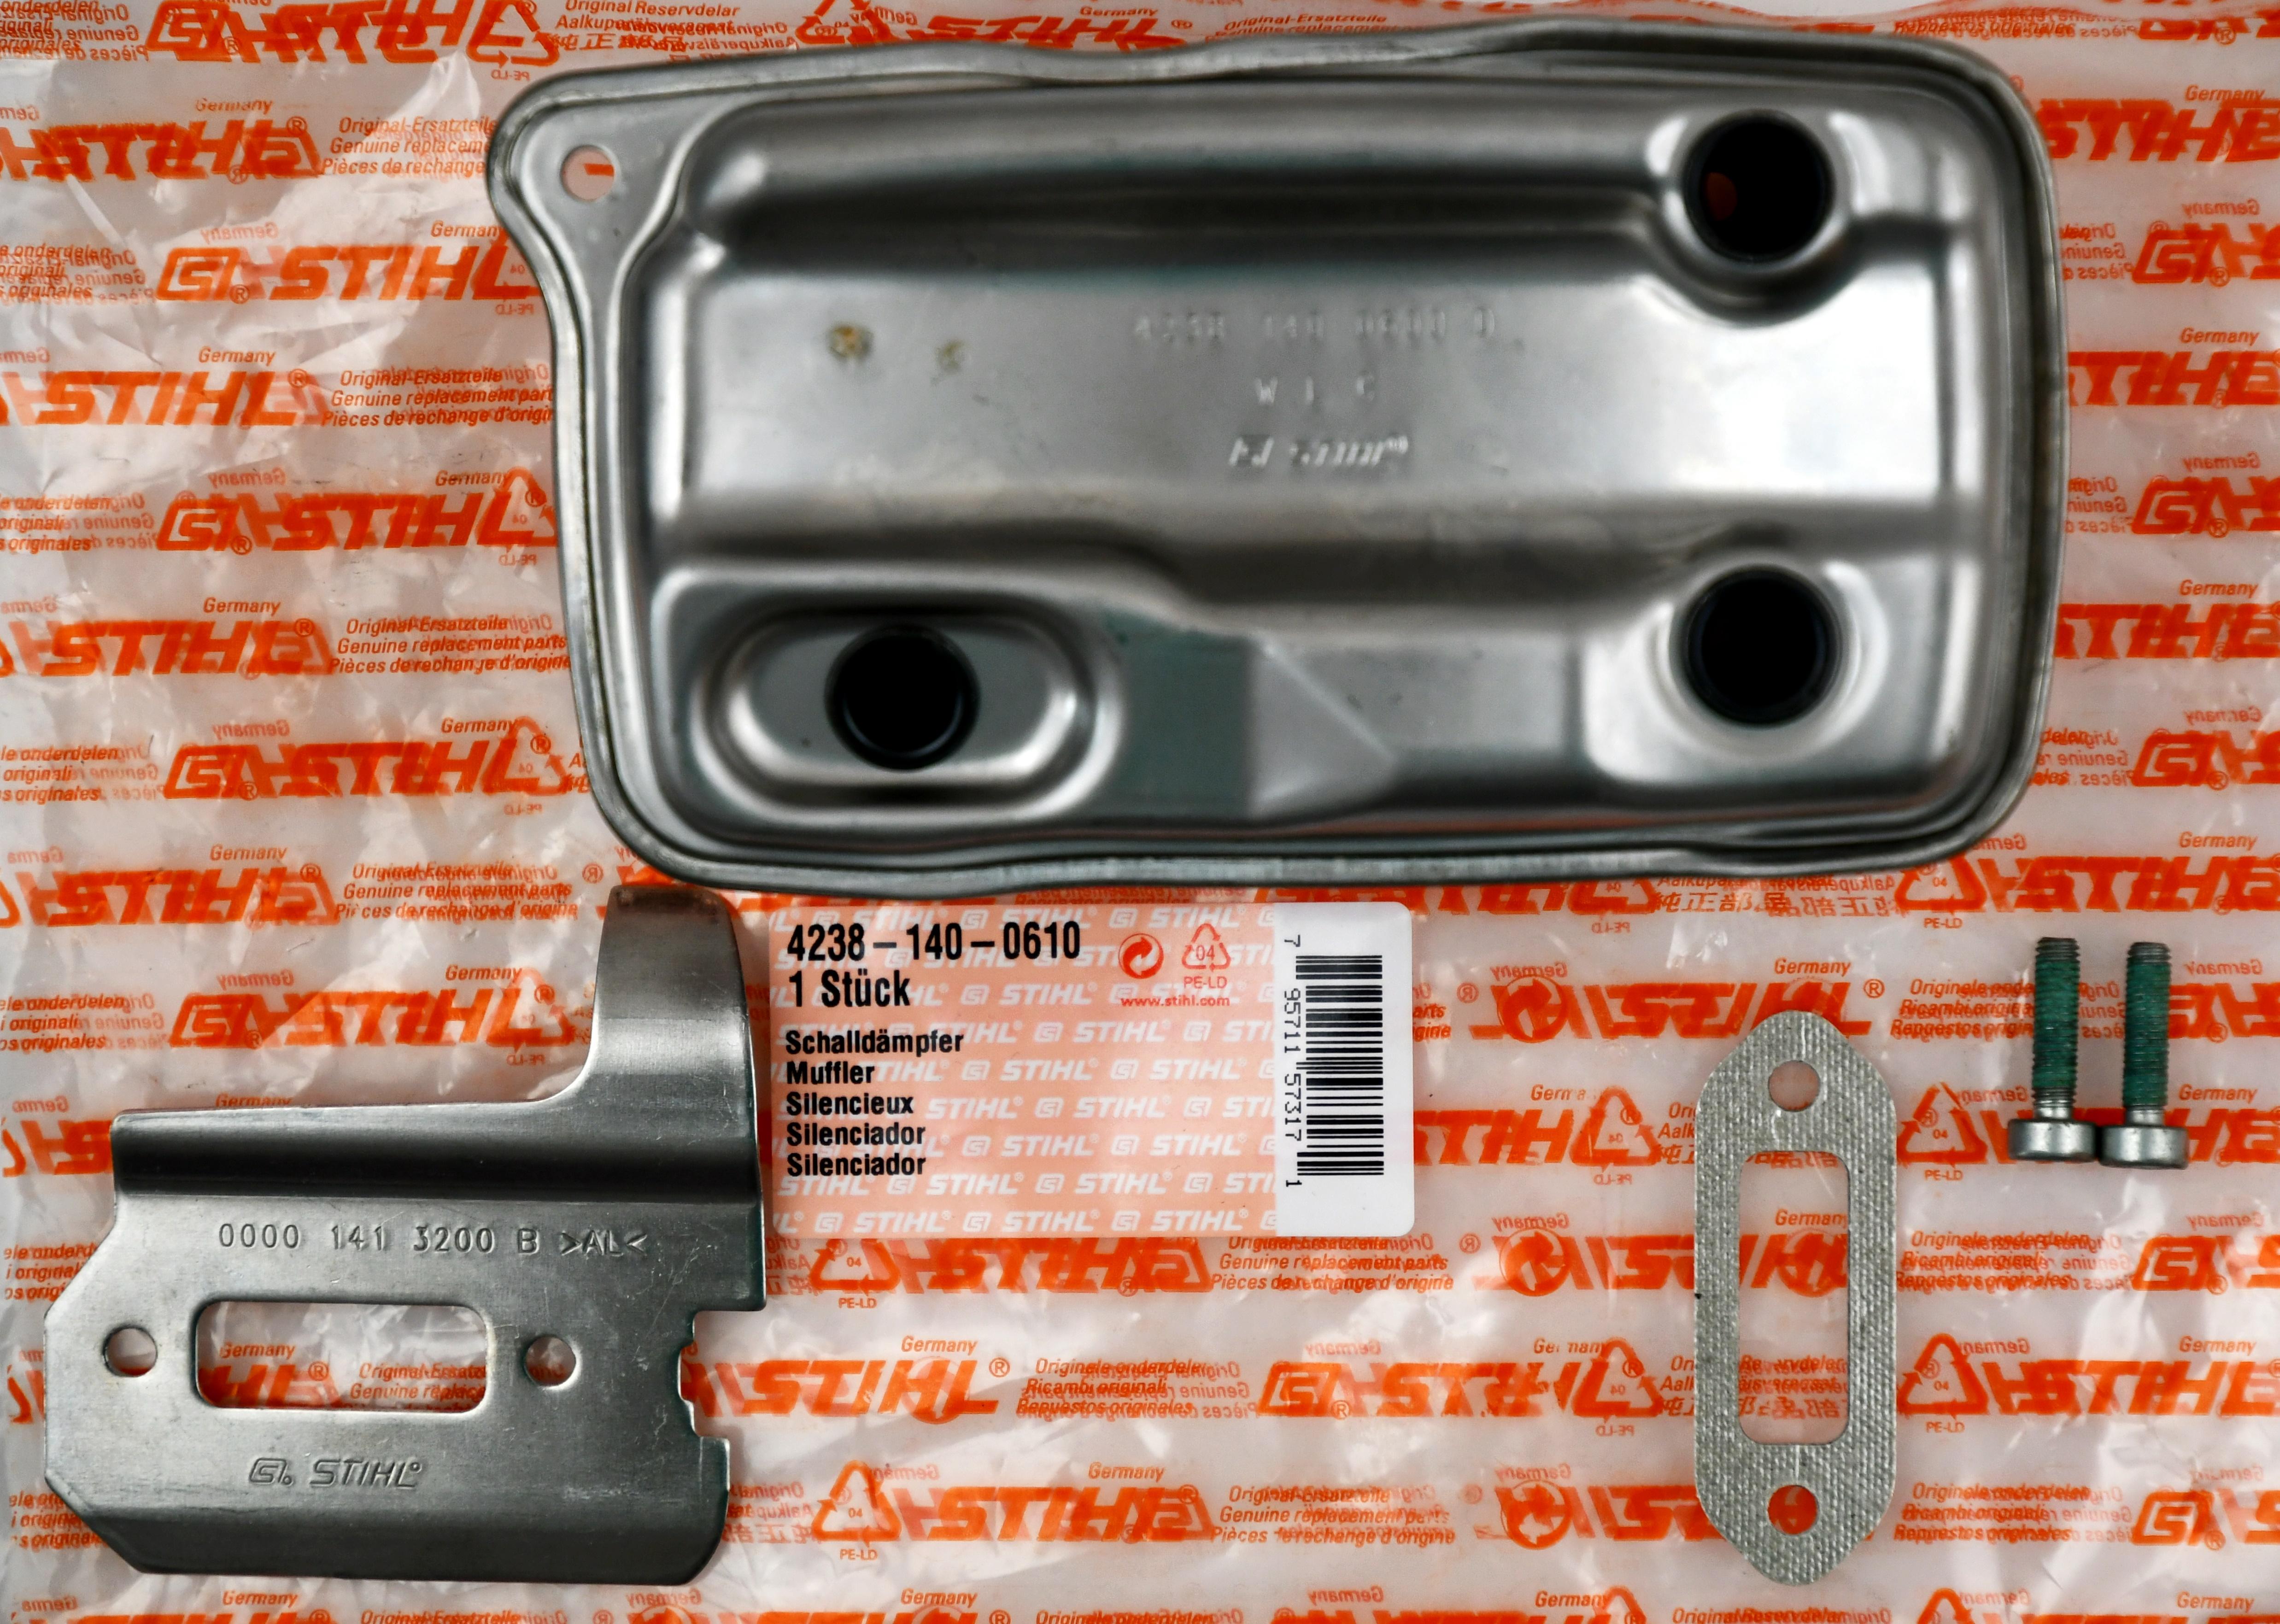 Stihl  42381400610 Auspuff Schalldämpfer für Stihl Trennschleifer TS410 TS420 Ersatzteil 4238 140 0610